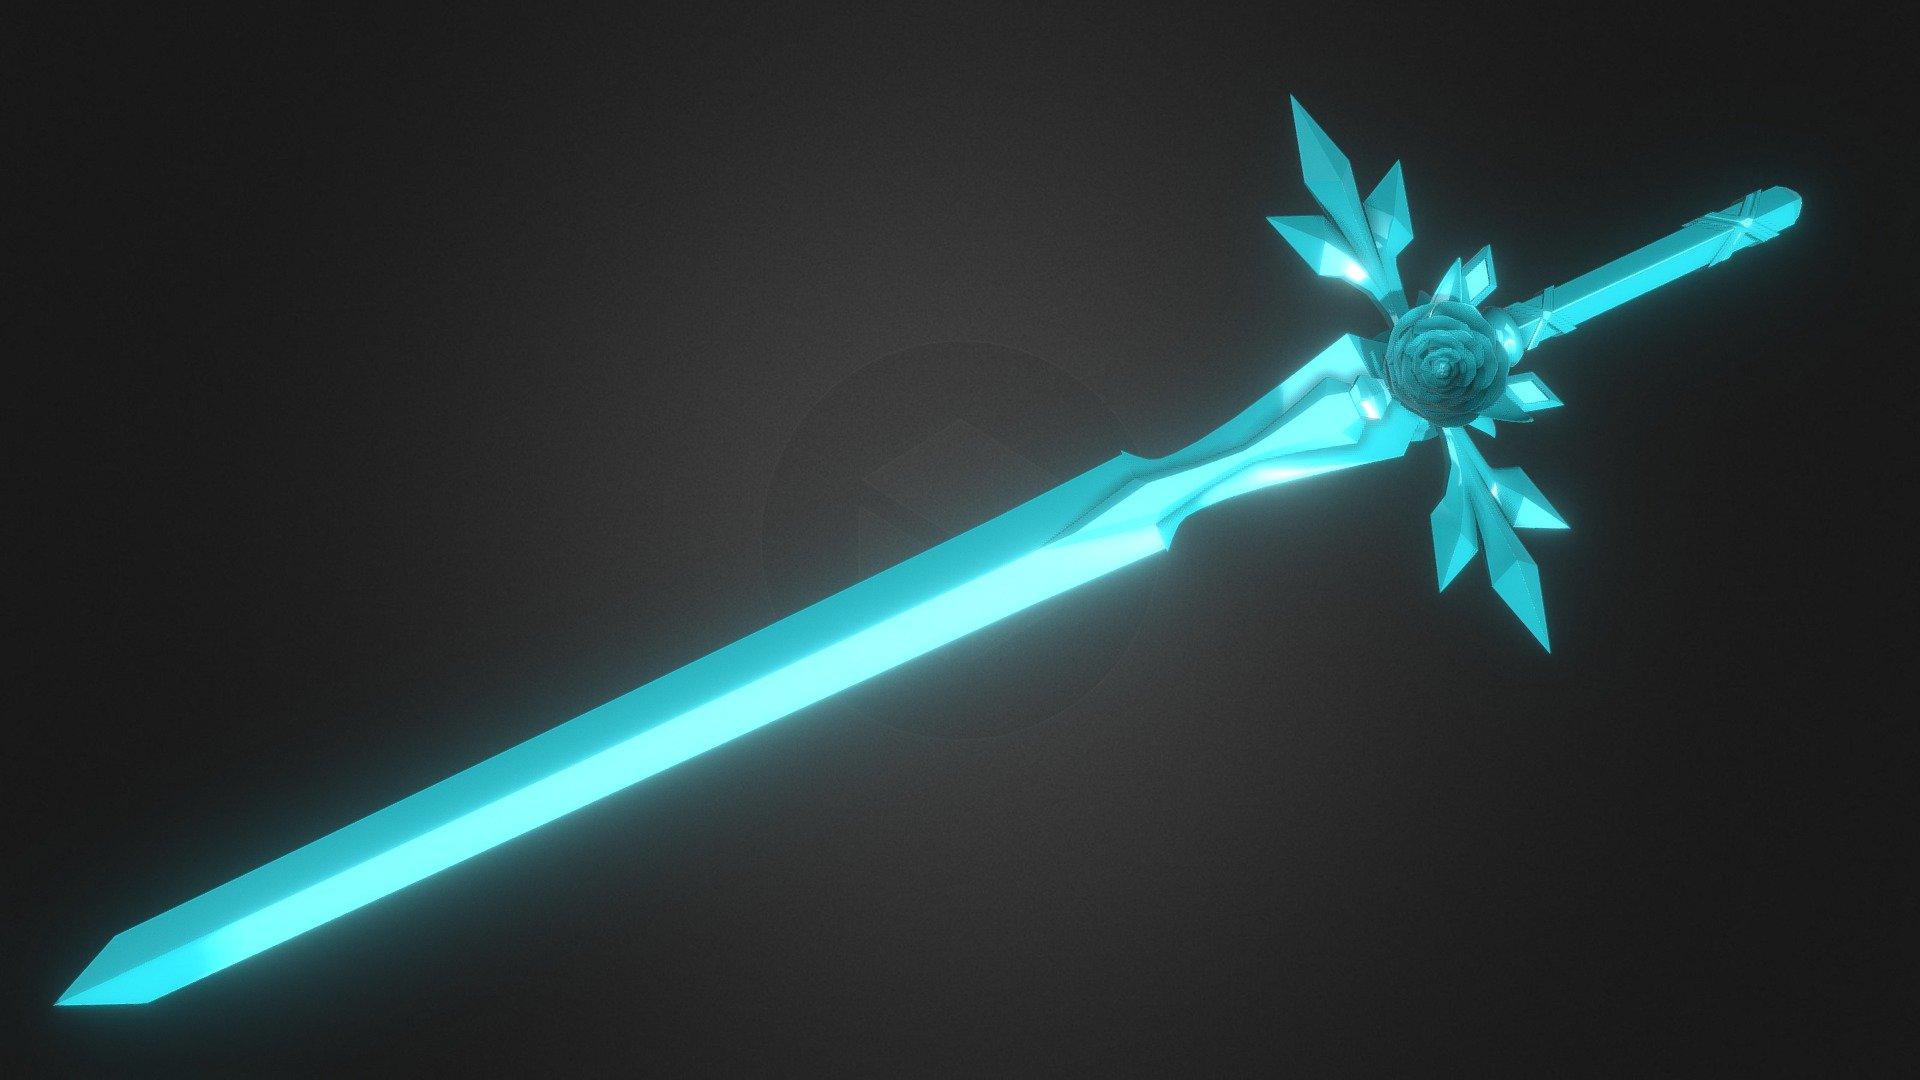 Онлайн картинки мечей